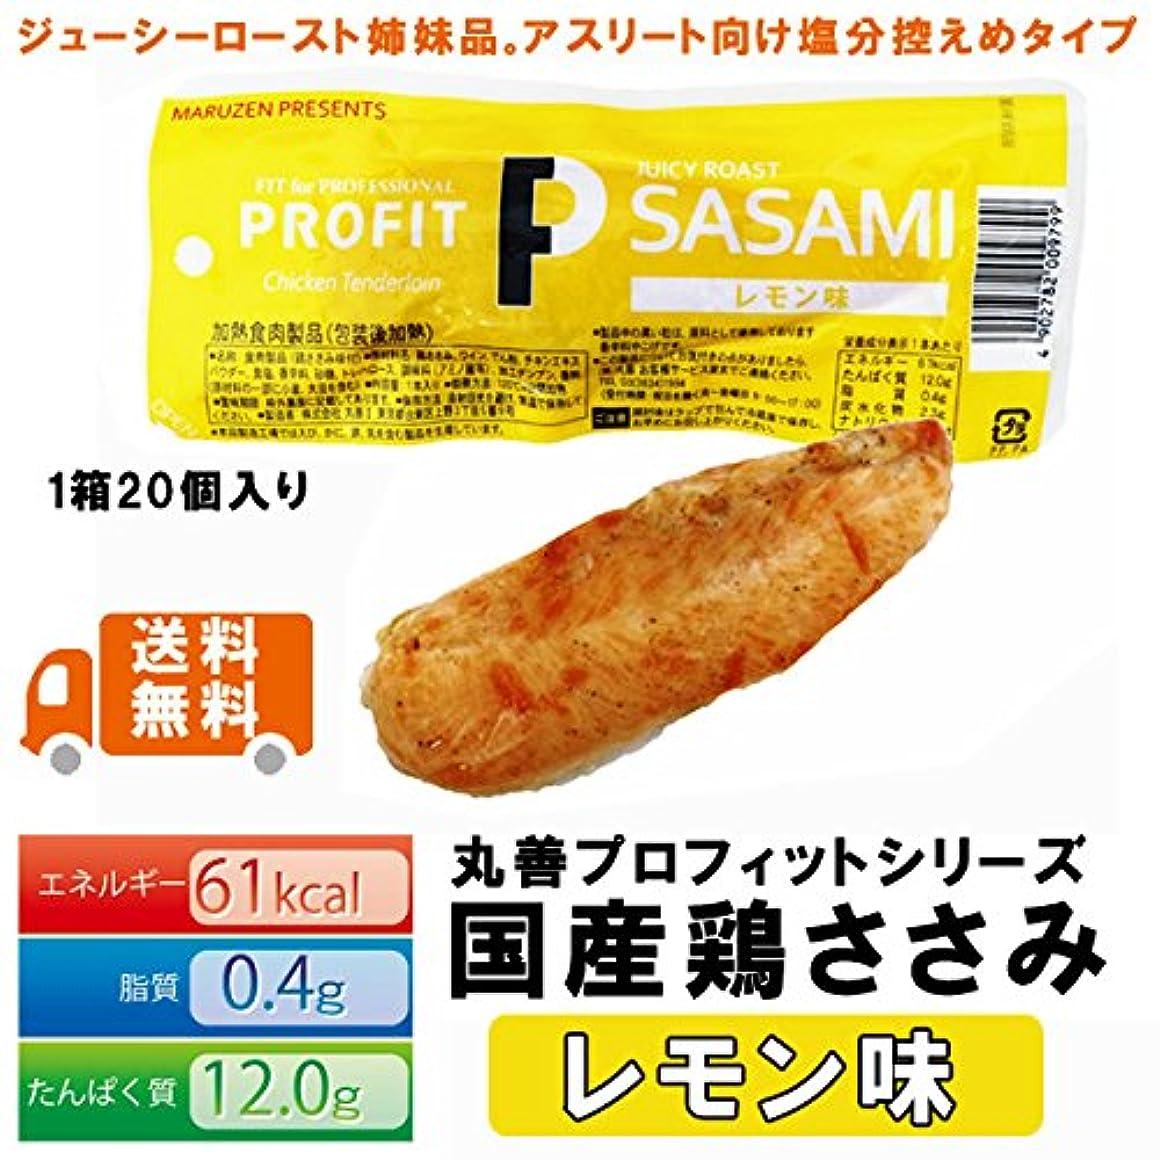 ブラスト場合アイザック丸善 PRO-FIT プロフィットささみ 鶏ささみ レモン味 1箱20本入り